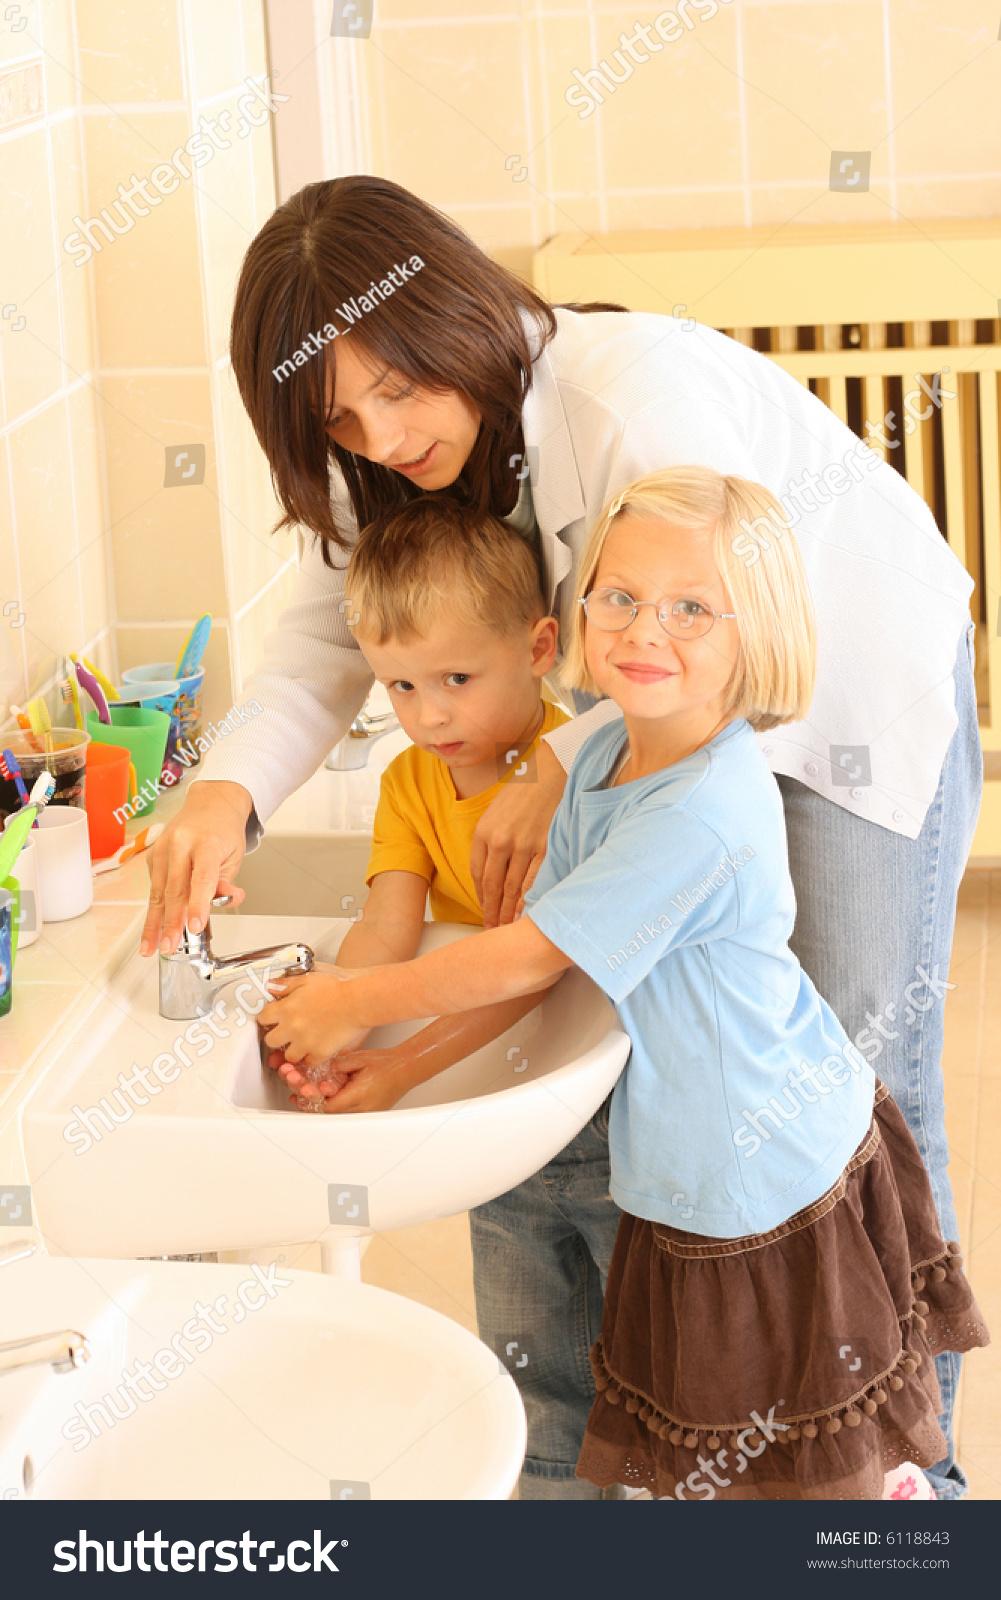 Preschoolers Bathroom Washing Hands Stock Photo 6118843 Shutterstock